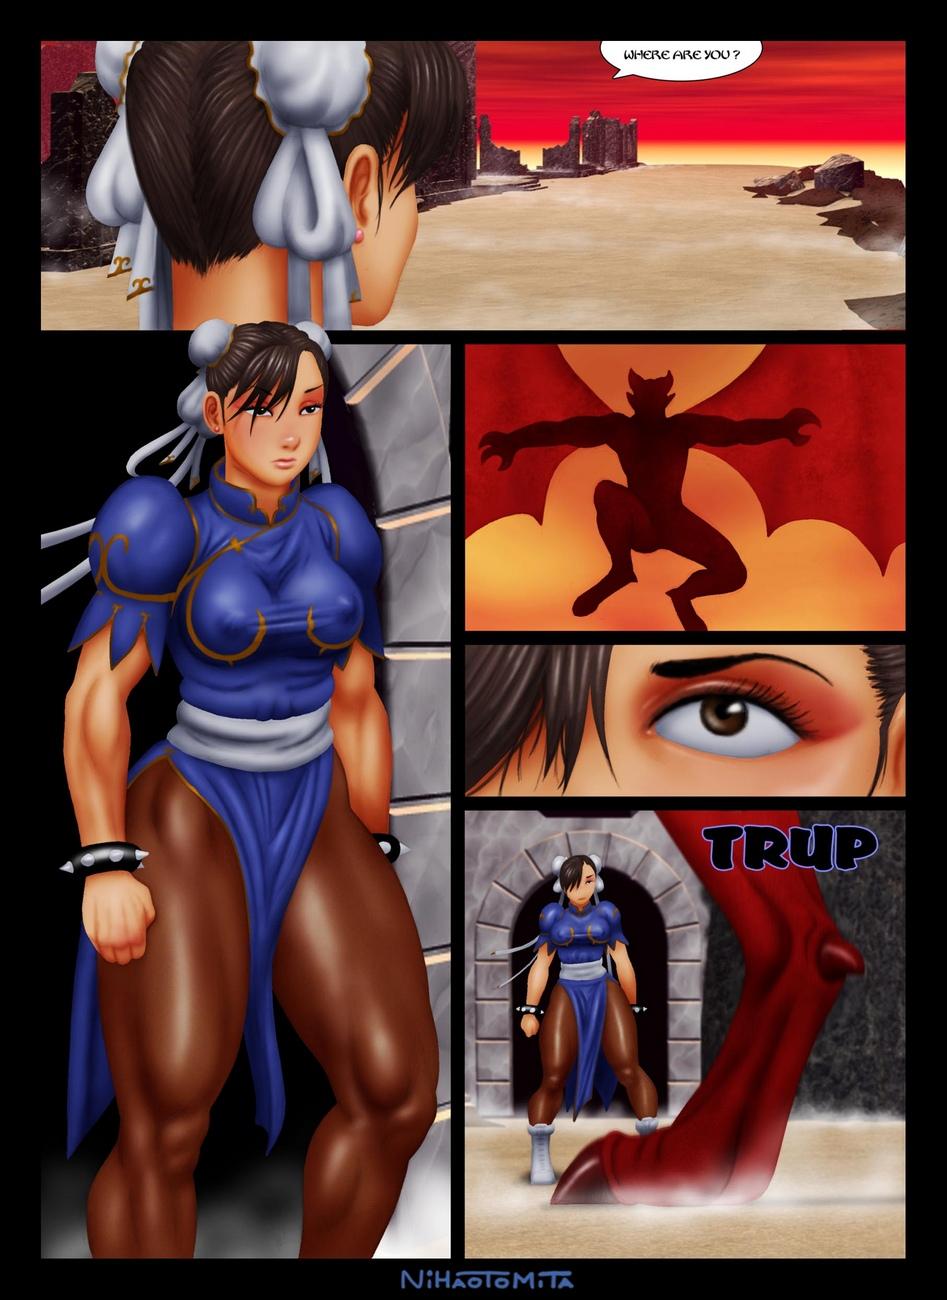 The-5-Tests-Of-Chun-Li 3 free sex comic